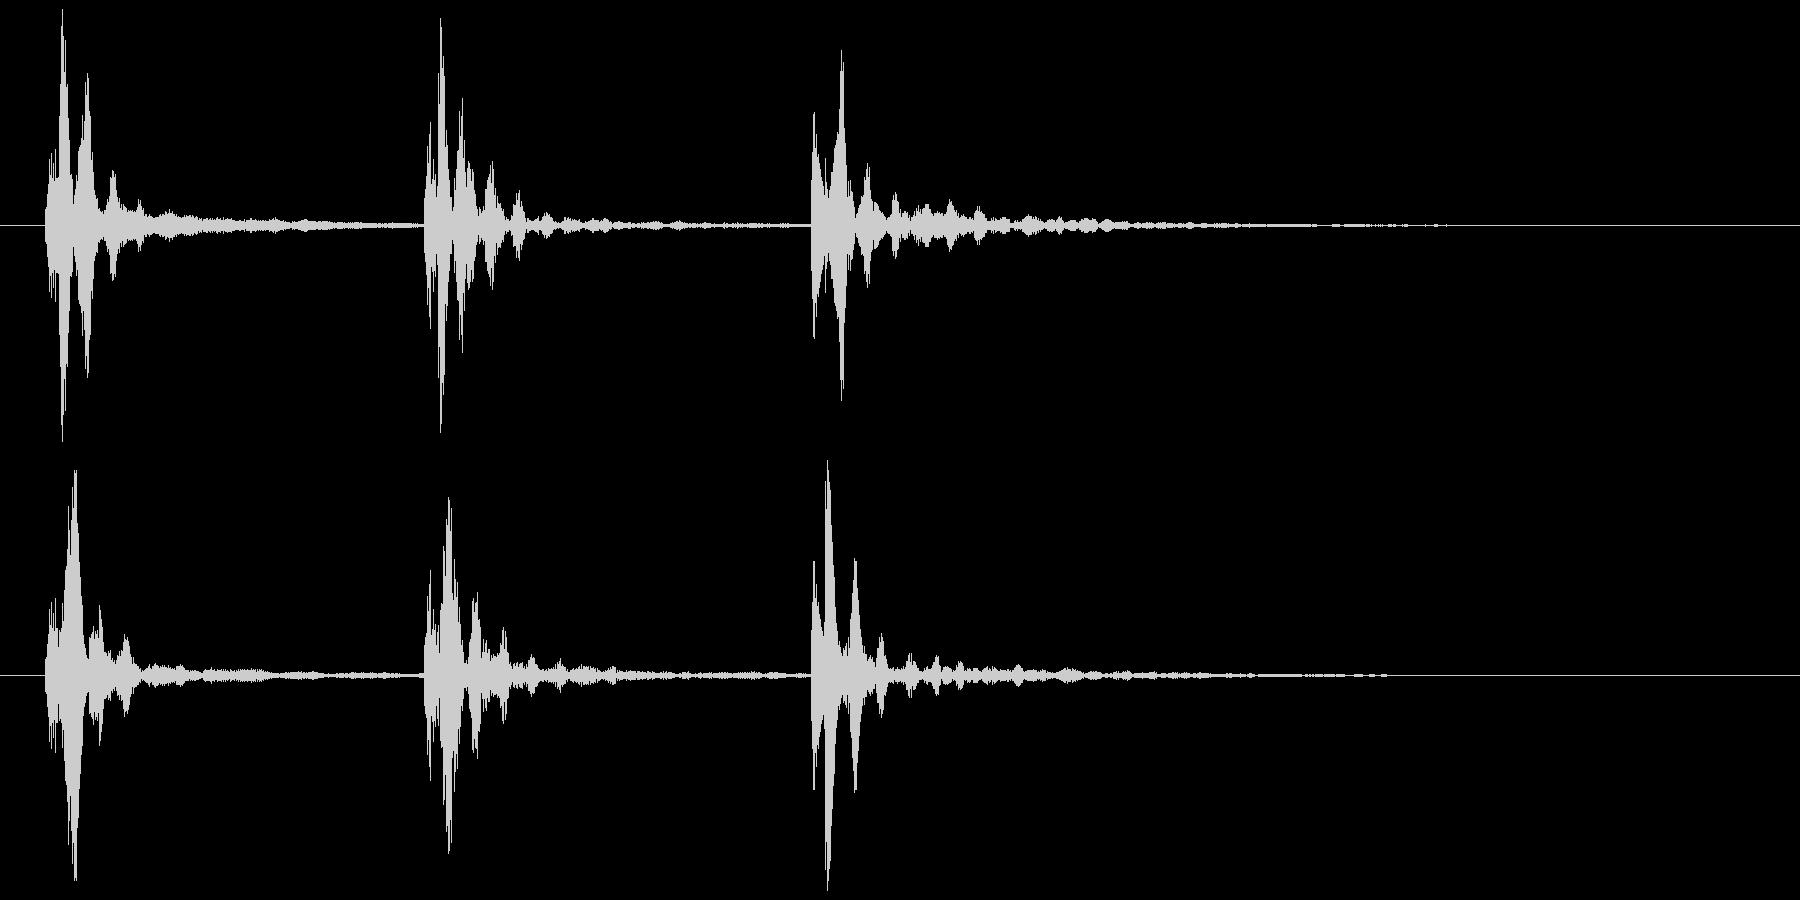 水が滴るような音の未再生の波形